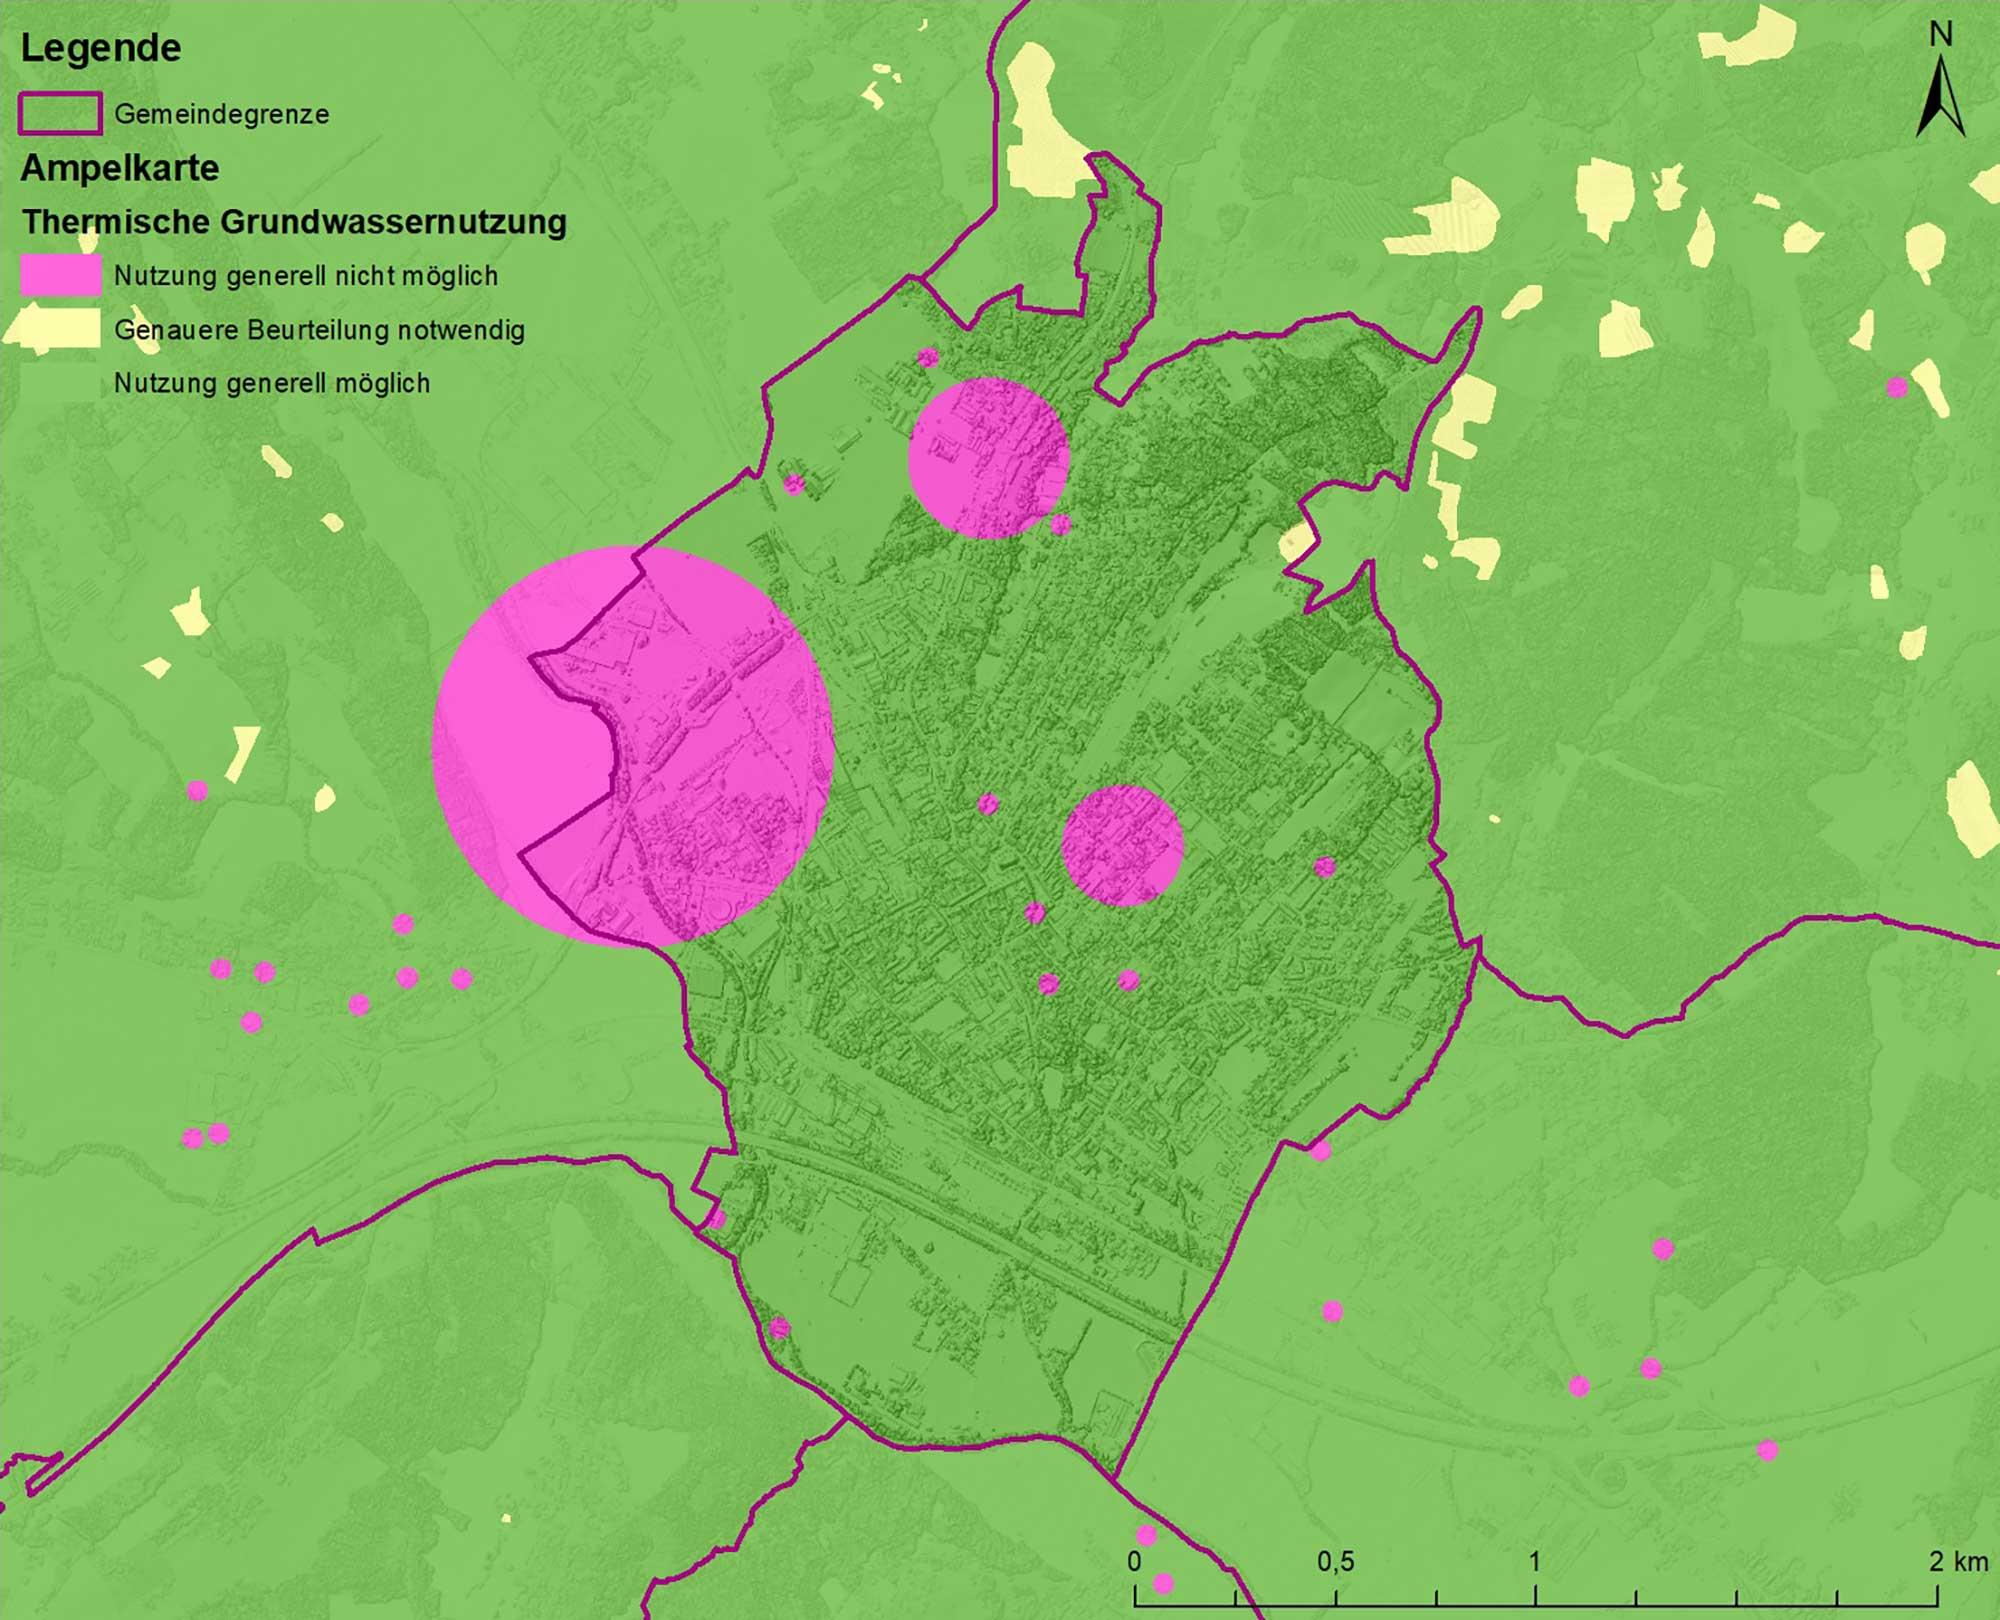 Die Ampelkarte ist eine Zusammenstellung möglicher Ausschließungsgründe für die Errichtung einer oberflächennahen Geothermieanlage und weist Standorte aus, wo die Nutzung generell möglich ist (grün), zusätzliche Informationen erforderlich sind (gelb) oder generell Erdwärme nicht genutzt werden kann (violett). In die Ampelkarten gehen zum Beispiel verkarstungsfähige Gesteine, mögliche Rutschungen oder Bergbaugebiete ein. Abbildungen: Geologische Bundesanstalt (GBA)